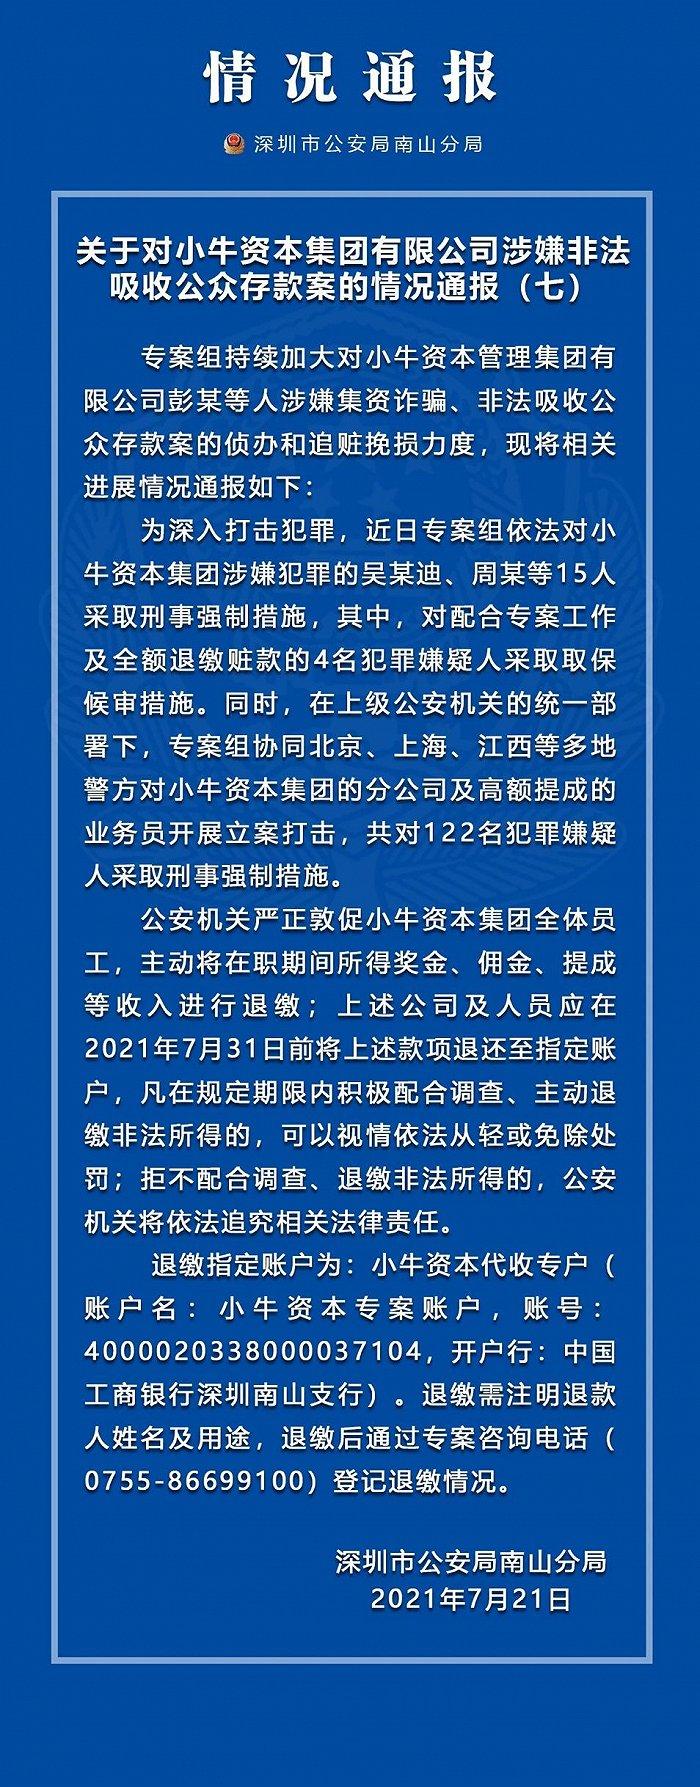 小牛资本案最新进展来了!警方敦促全体员工退赃 已查封涉案房产上千套插图(1)